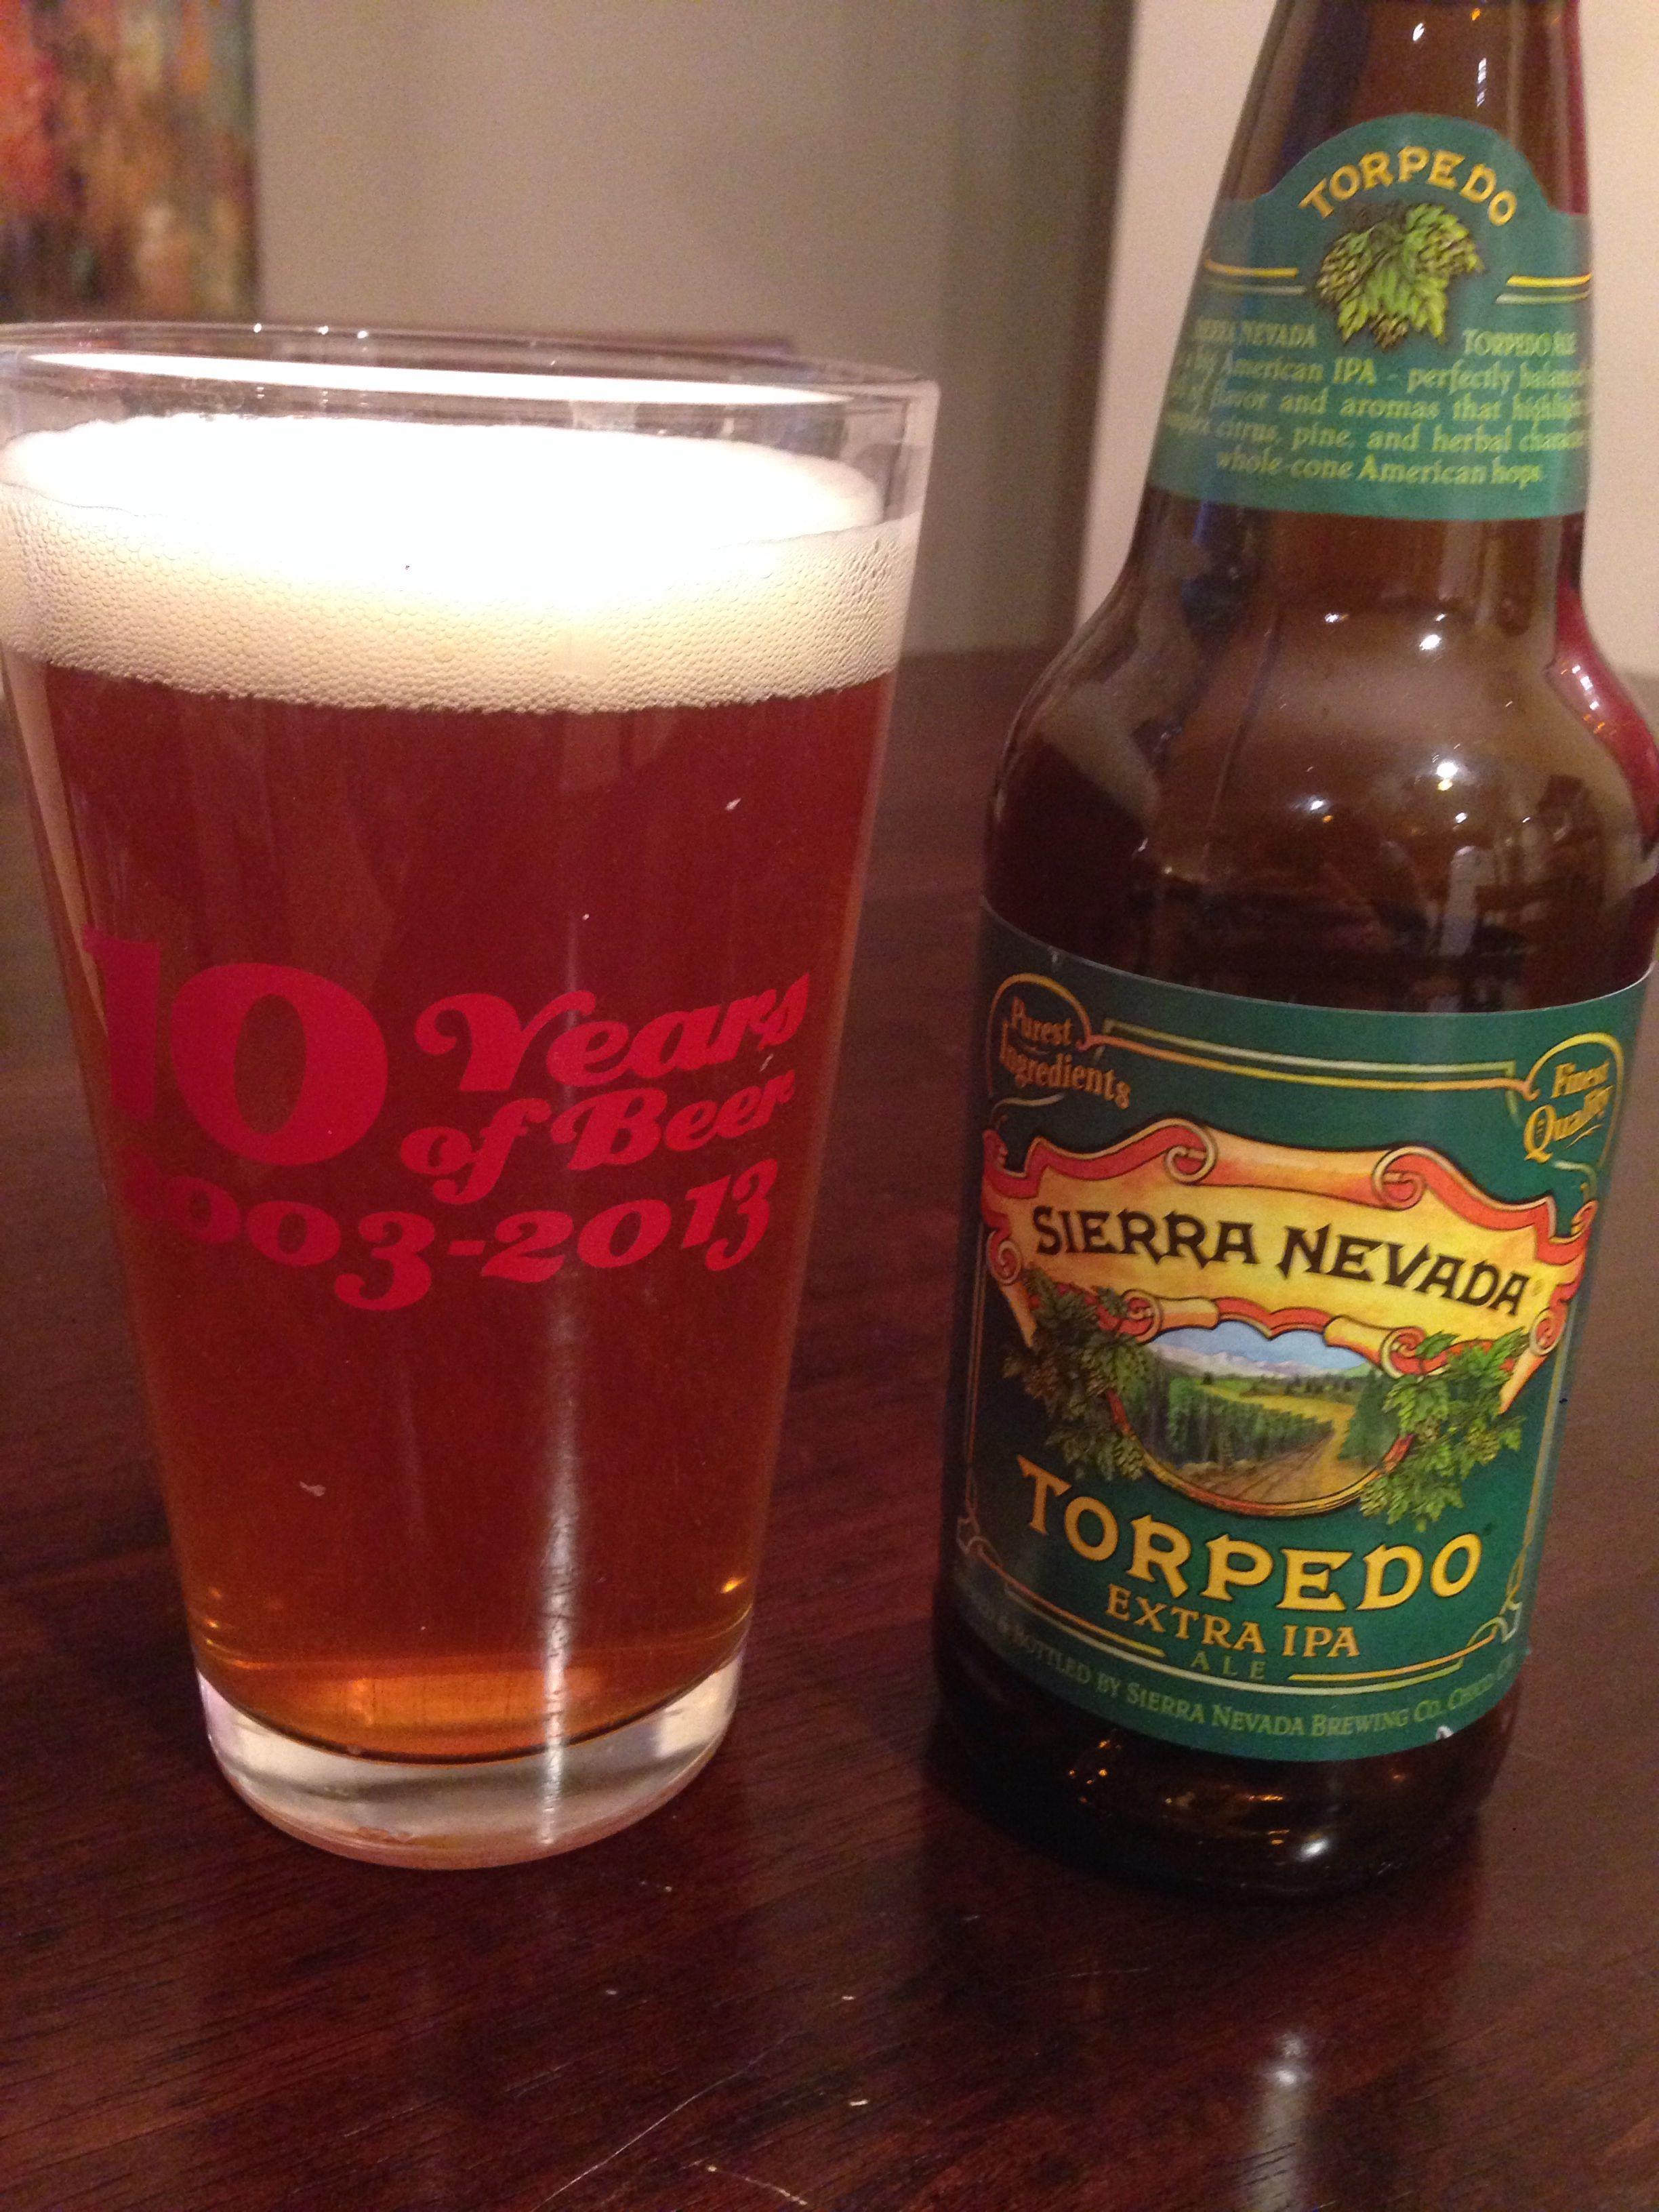 Sierra Nevada Tornado Ipa 7 2 Abv Herbalism Sierra Nevada Ipa